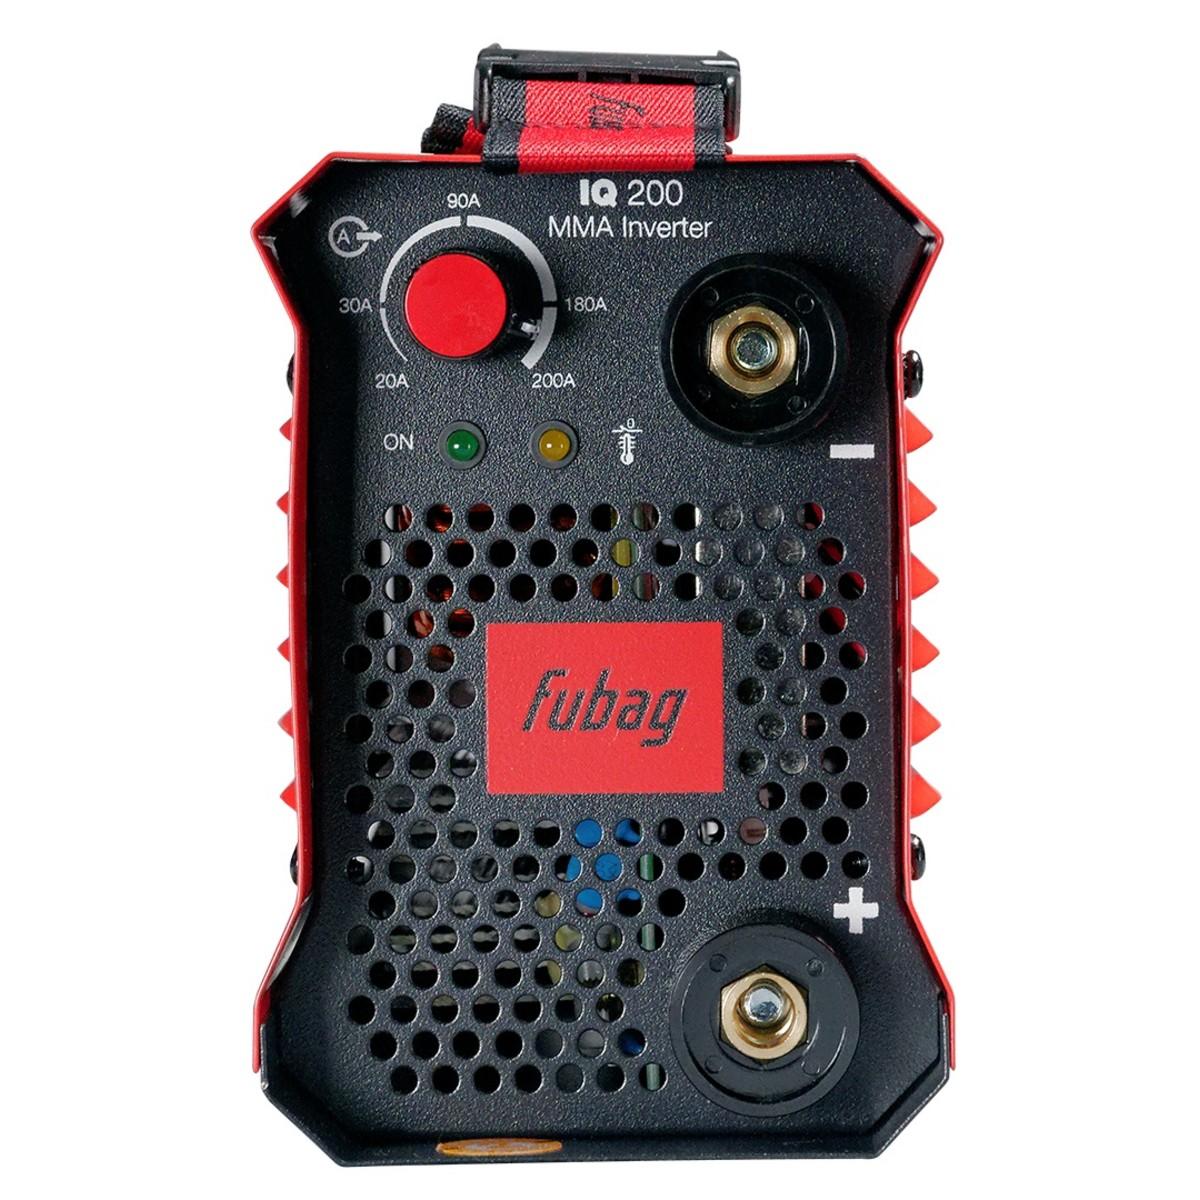 Дуговой Сварочный Инвертор Fubag Iq 200 38832